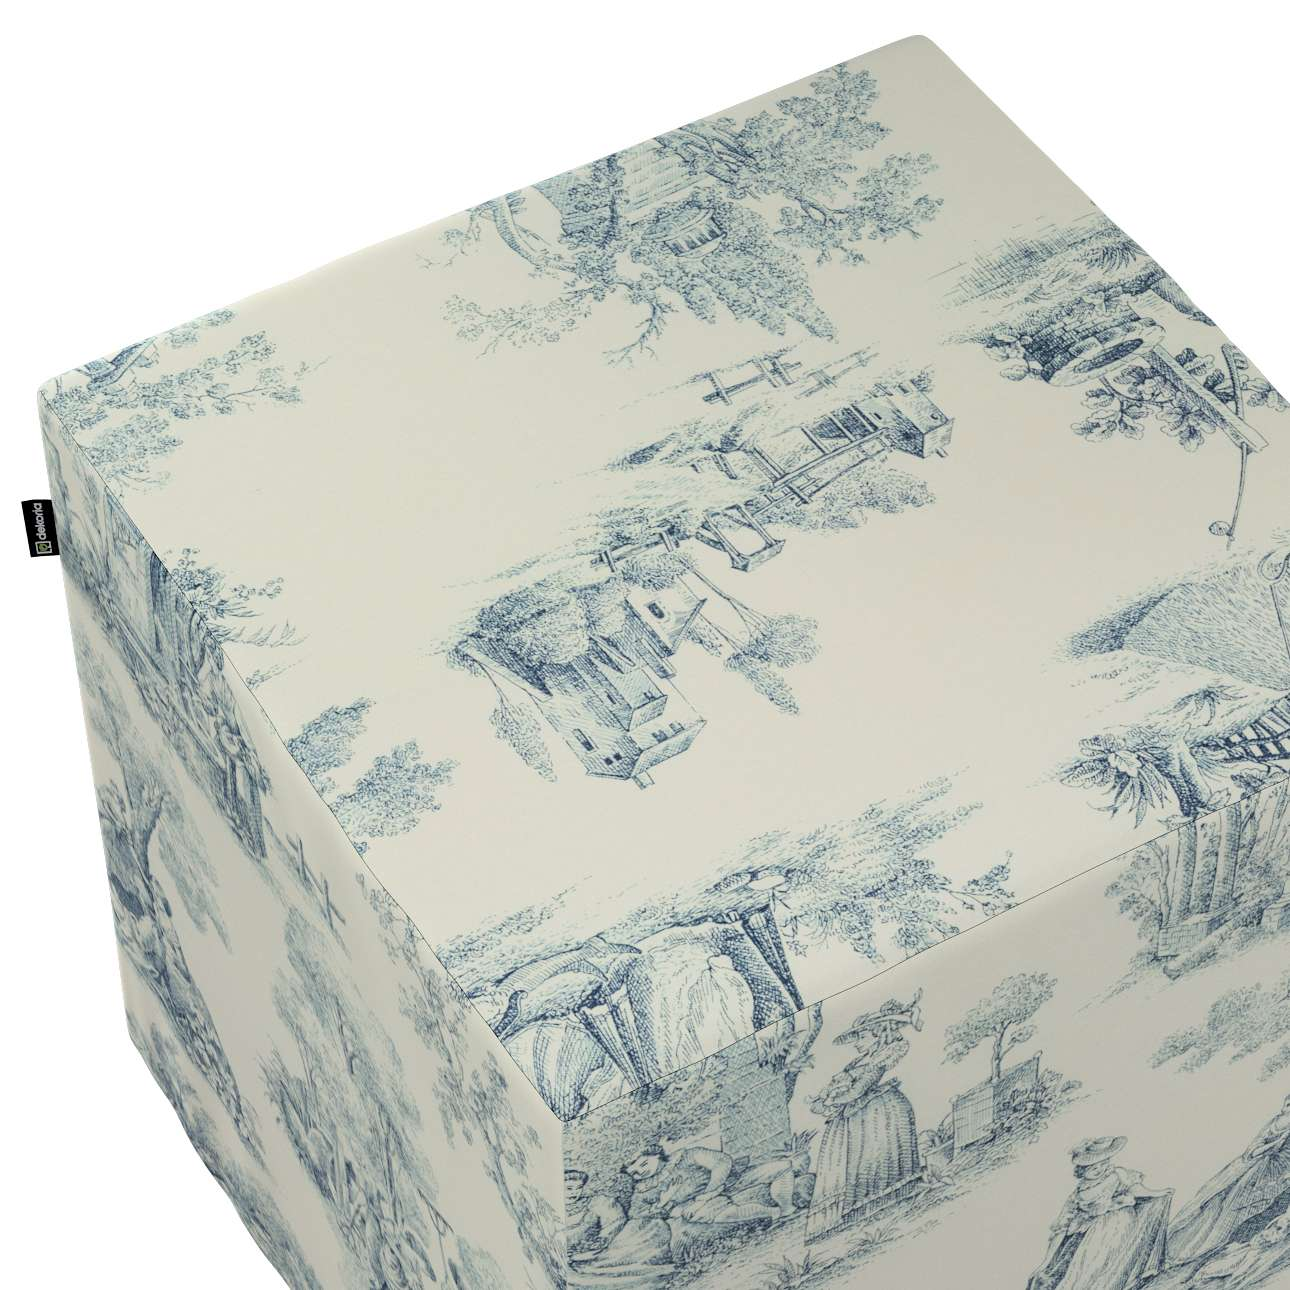 Pokrowiec na pufę kostkę w kolekcji Avinon, tkanina: 132-66